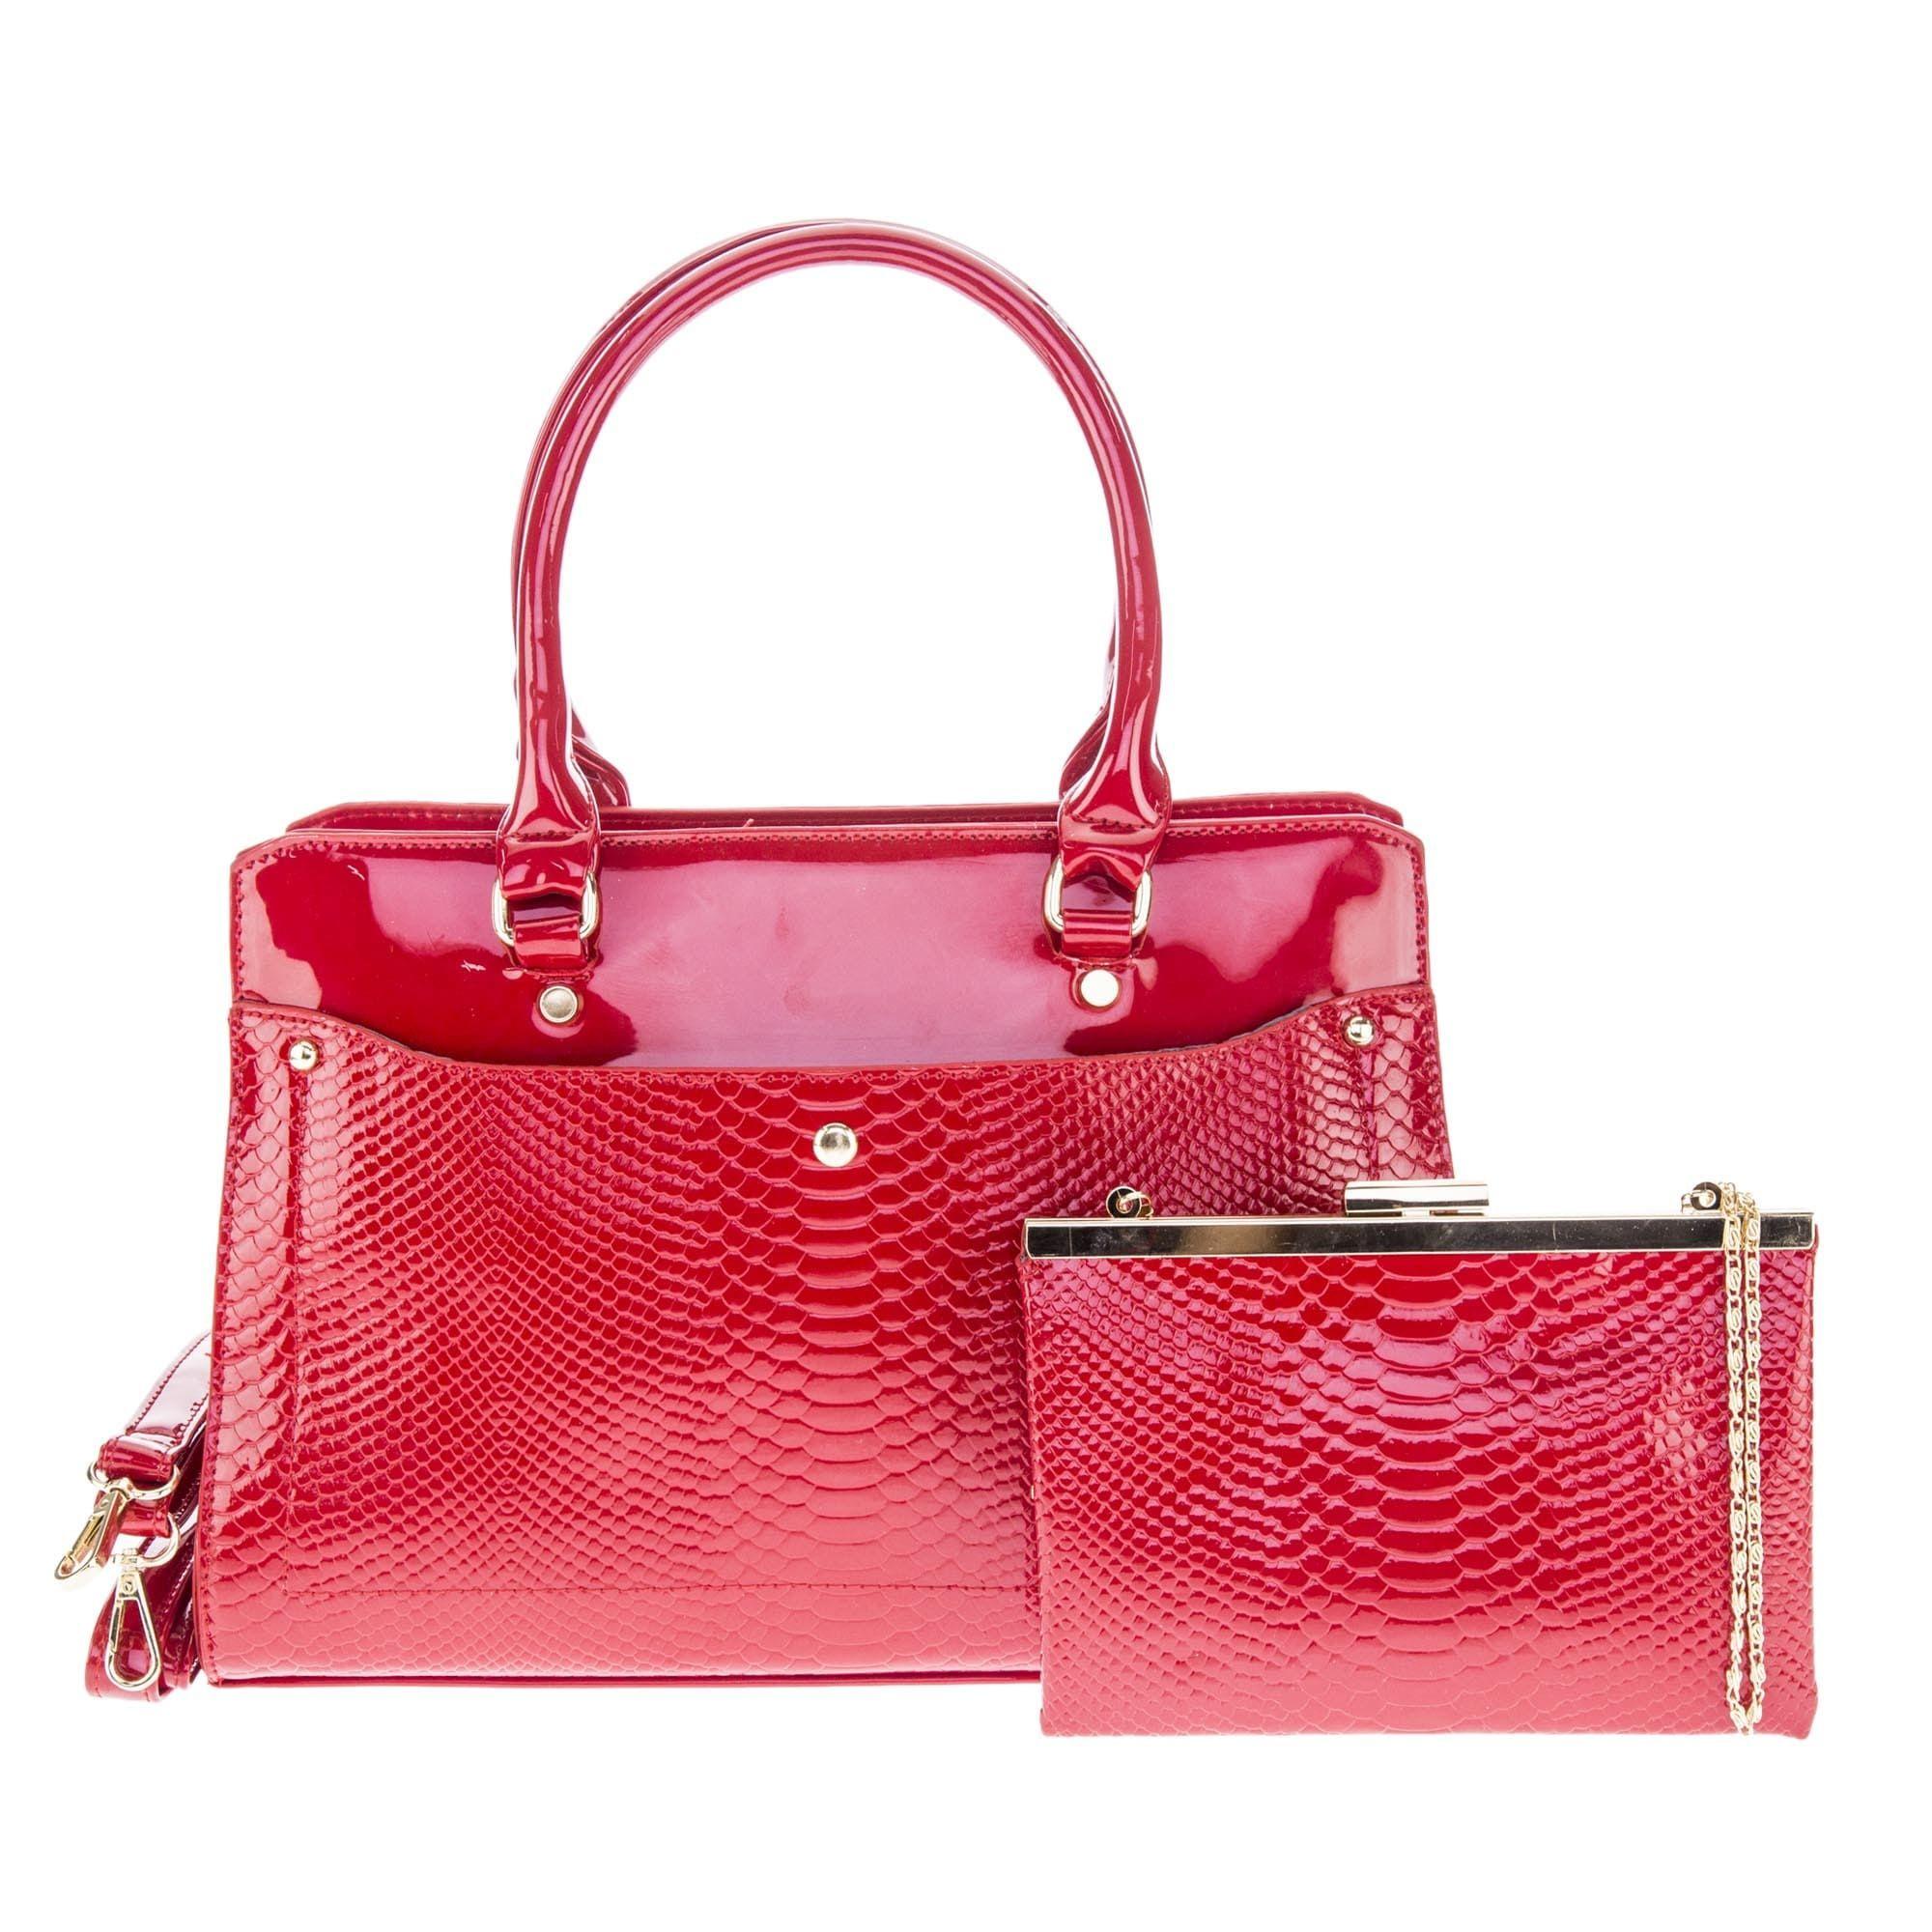 Bolsa de Mão Verniz Vermelha com Alça Removível  - Prime Bolsas